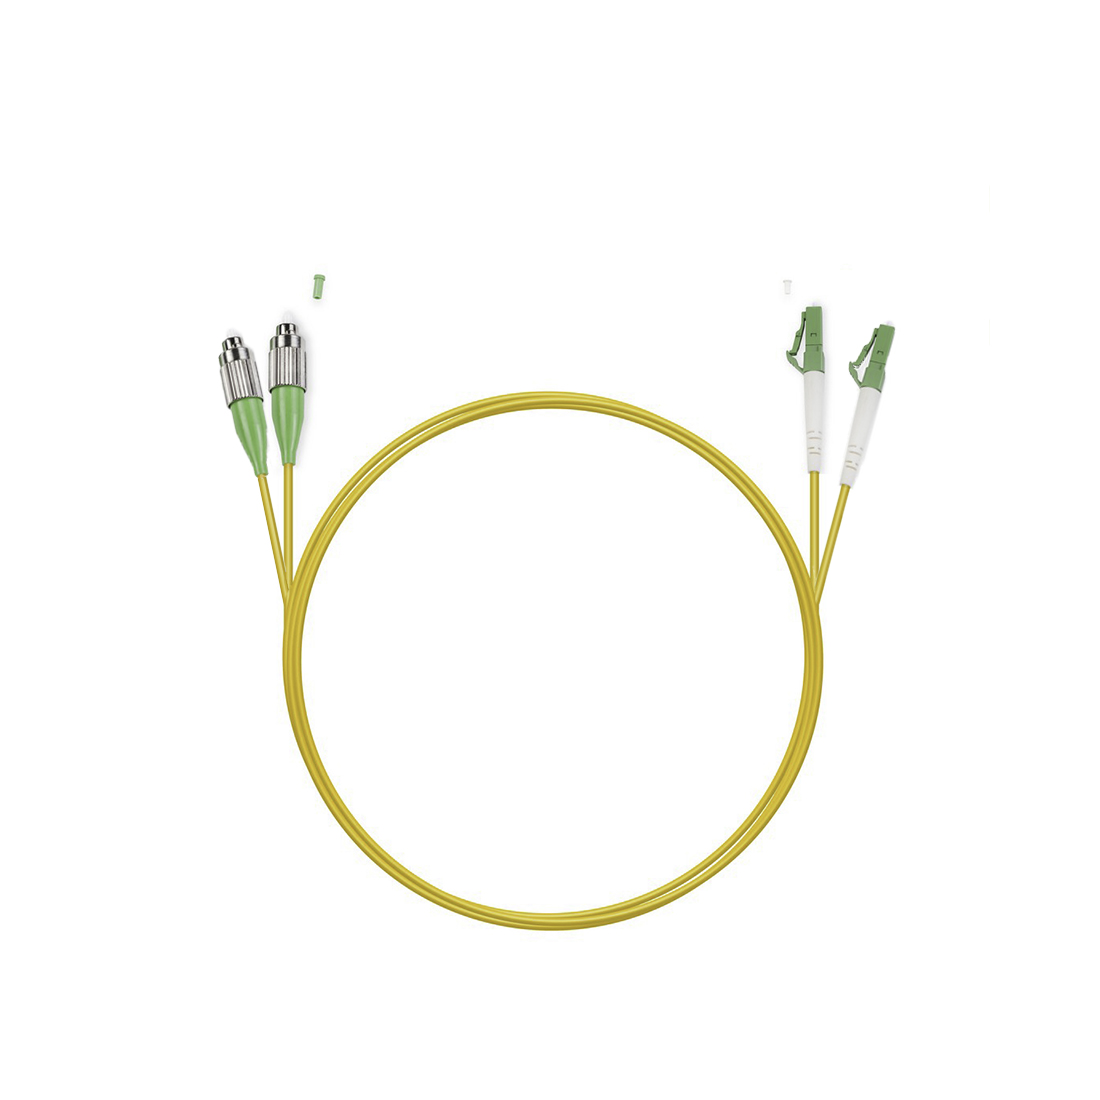 Патч Корд Оптоволоконный FC / APC-LC / APC SM 9 / 125 Duplex 2.0мм 1 м